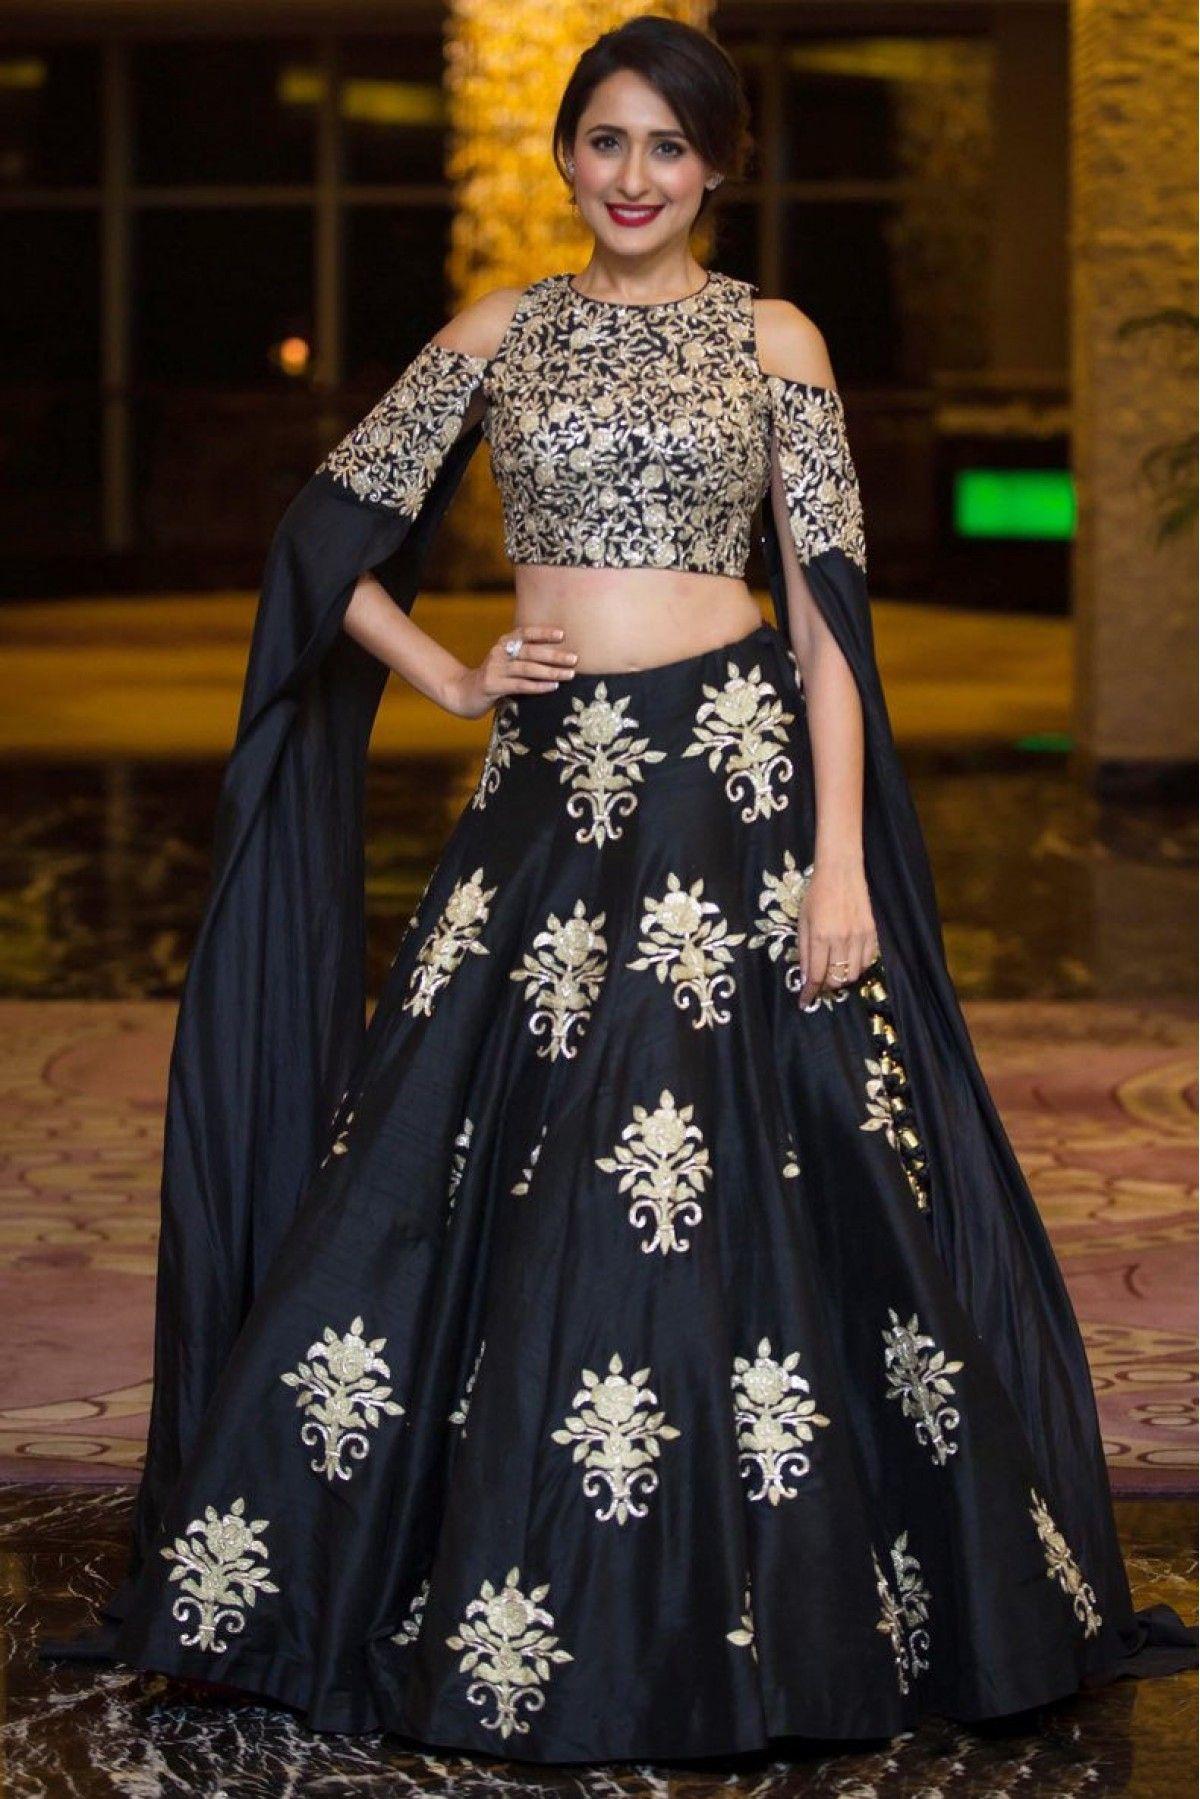 37fcfb130bacb  Simple  Choli  Wedding  Cotton  Bridal  BlouseDesigns  DIY  Saree   Bridesmaid  Sabyasachi  Jacket  Pastel  Pattern  Sangeet  White  Silk   Banarasi  Skirt ...